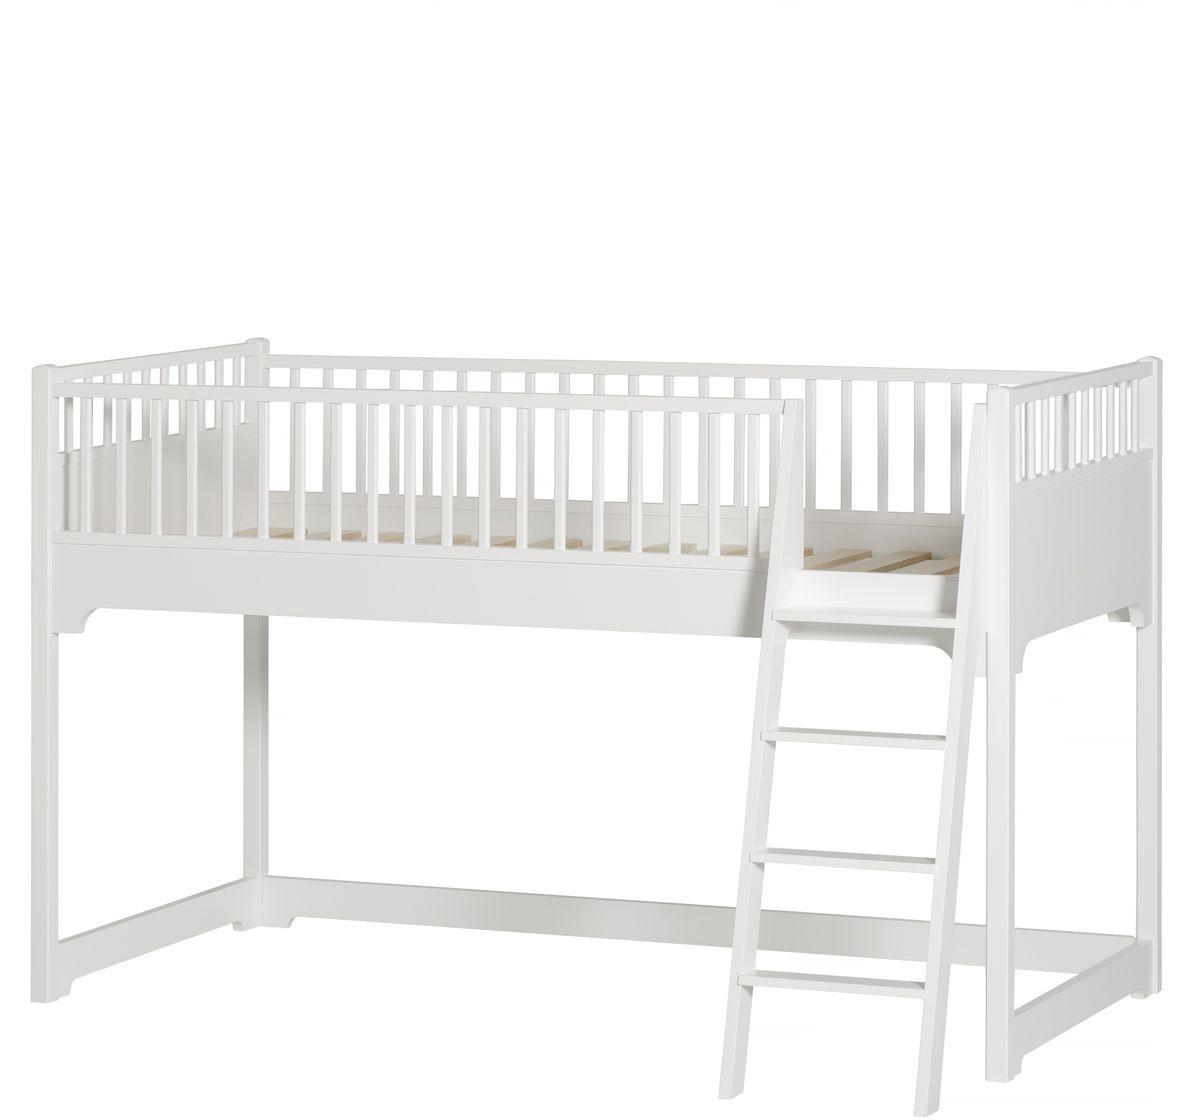 Full Size of Seaside Halbhohes Hochbett Oliver Furniture Kleine Fabriek Bett Wohnzimmer Halbhohes Hochbett